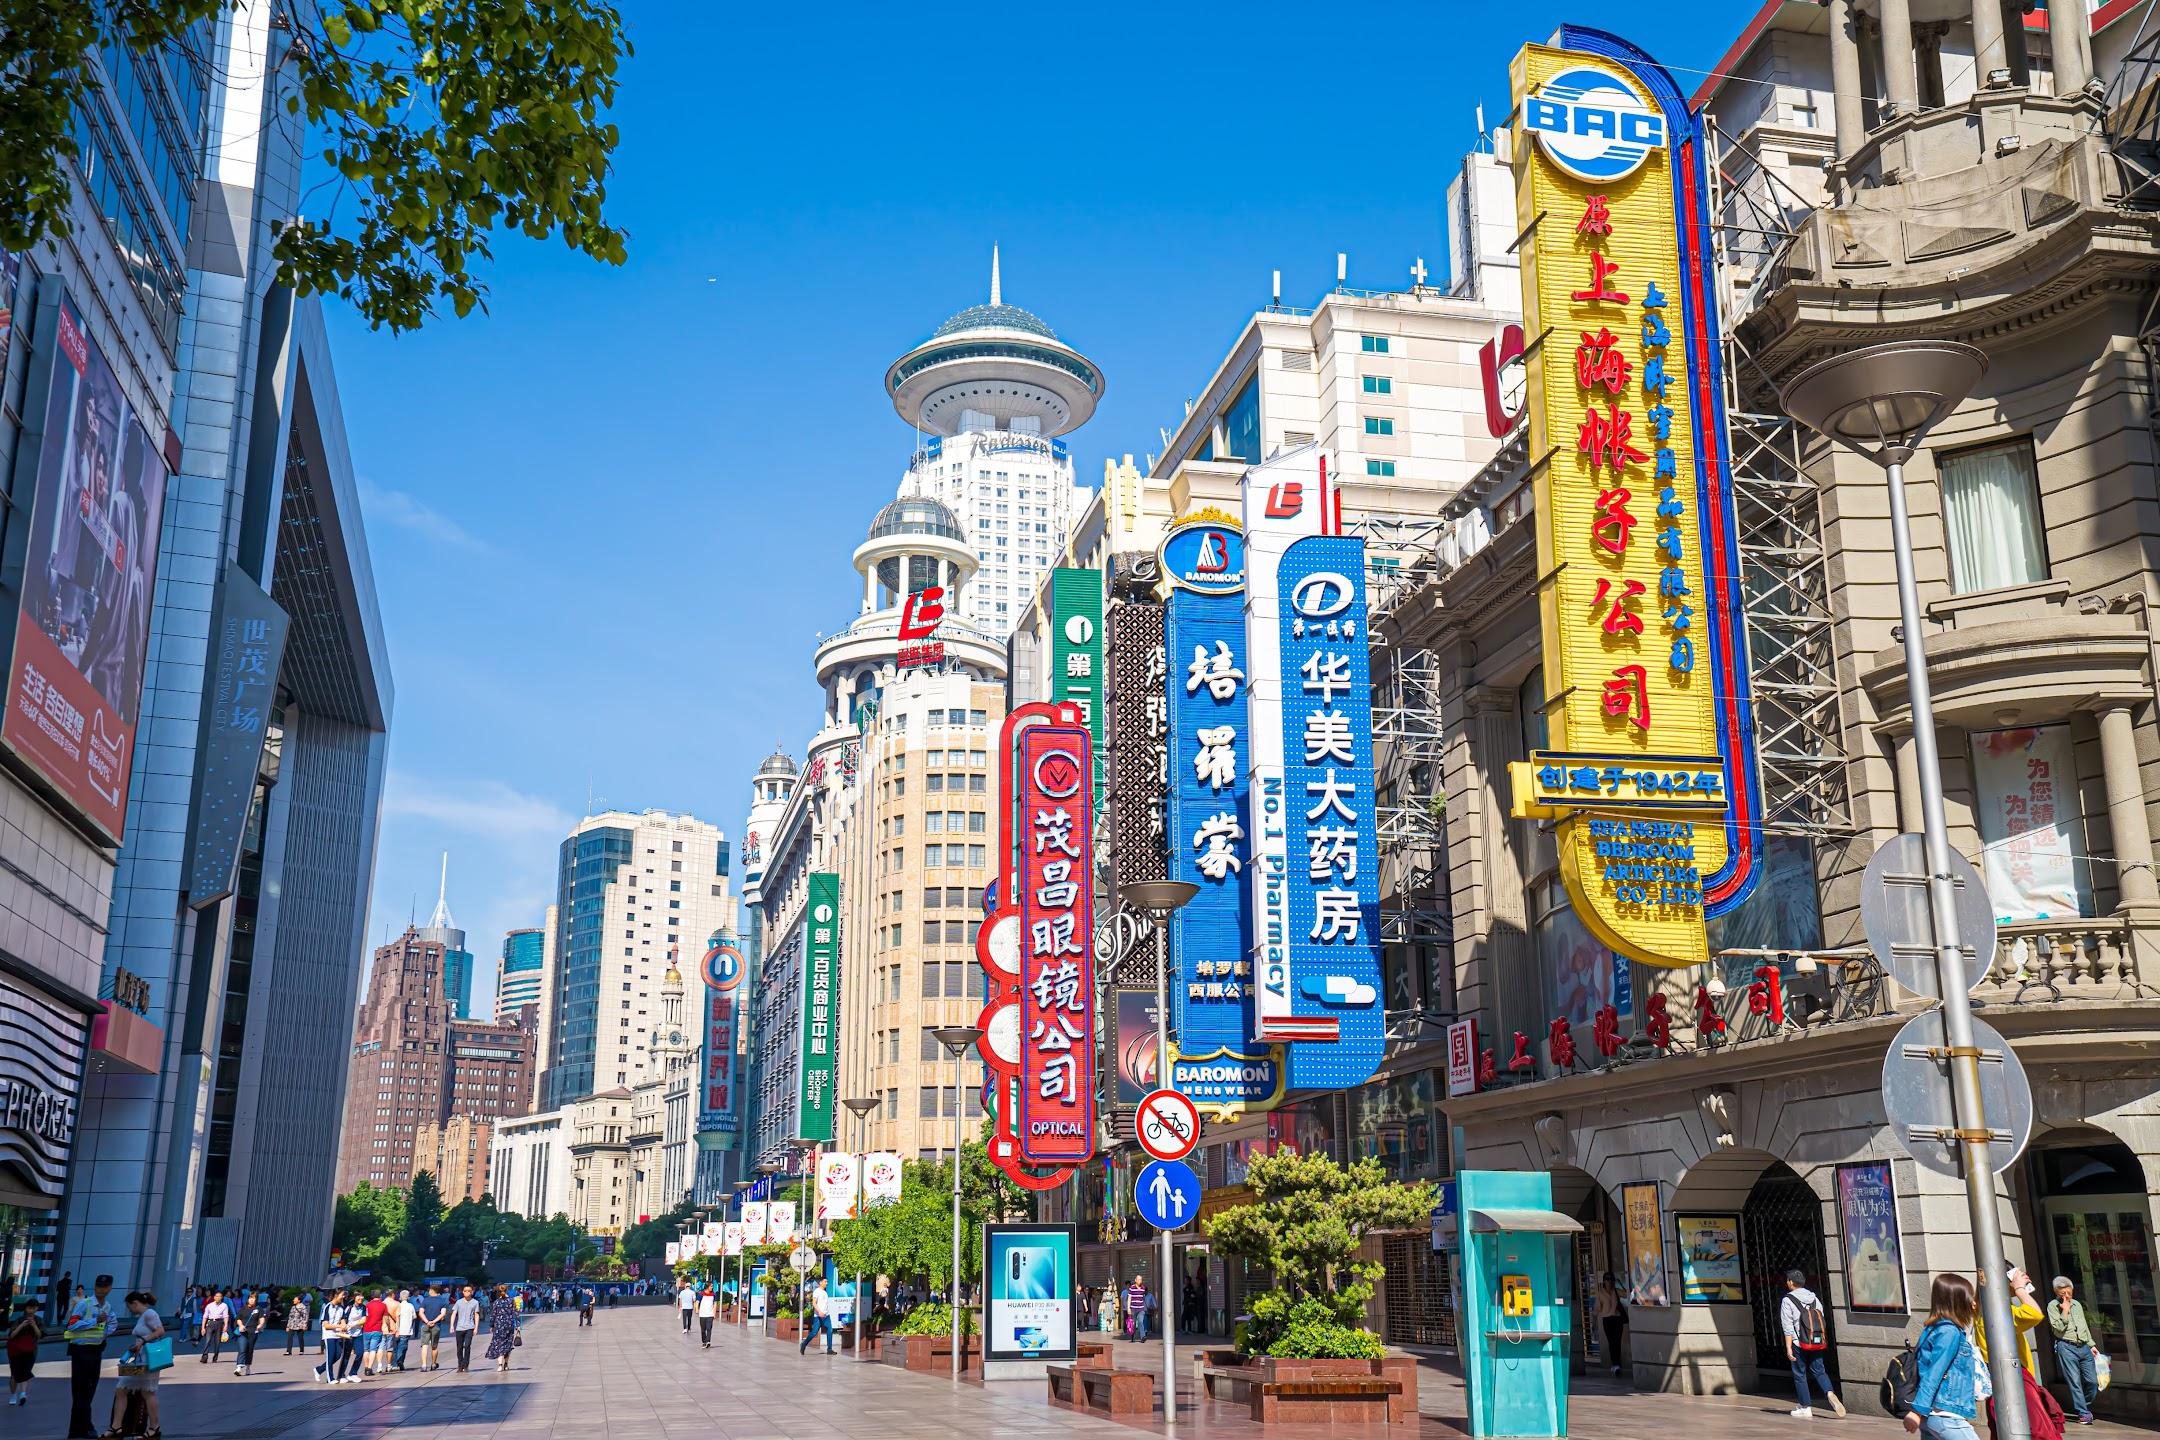 Shanghai East Nanjing Road2